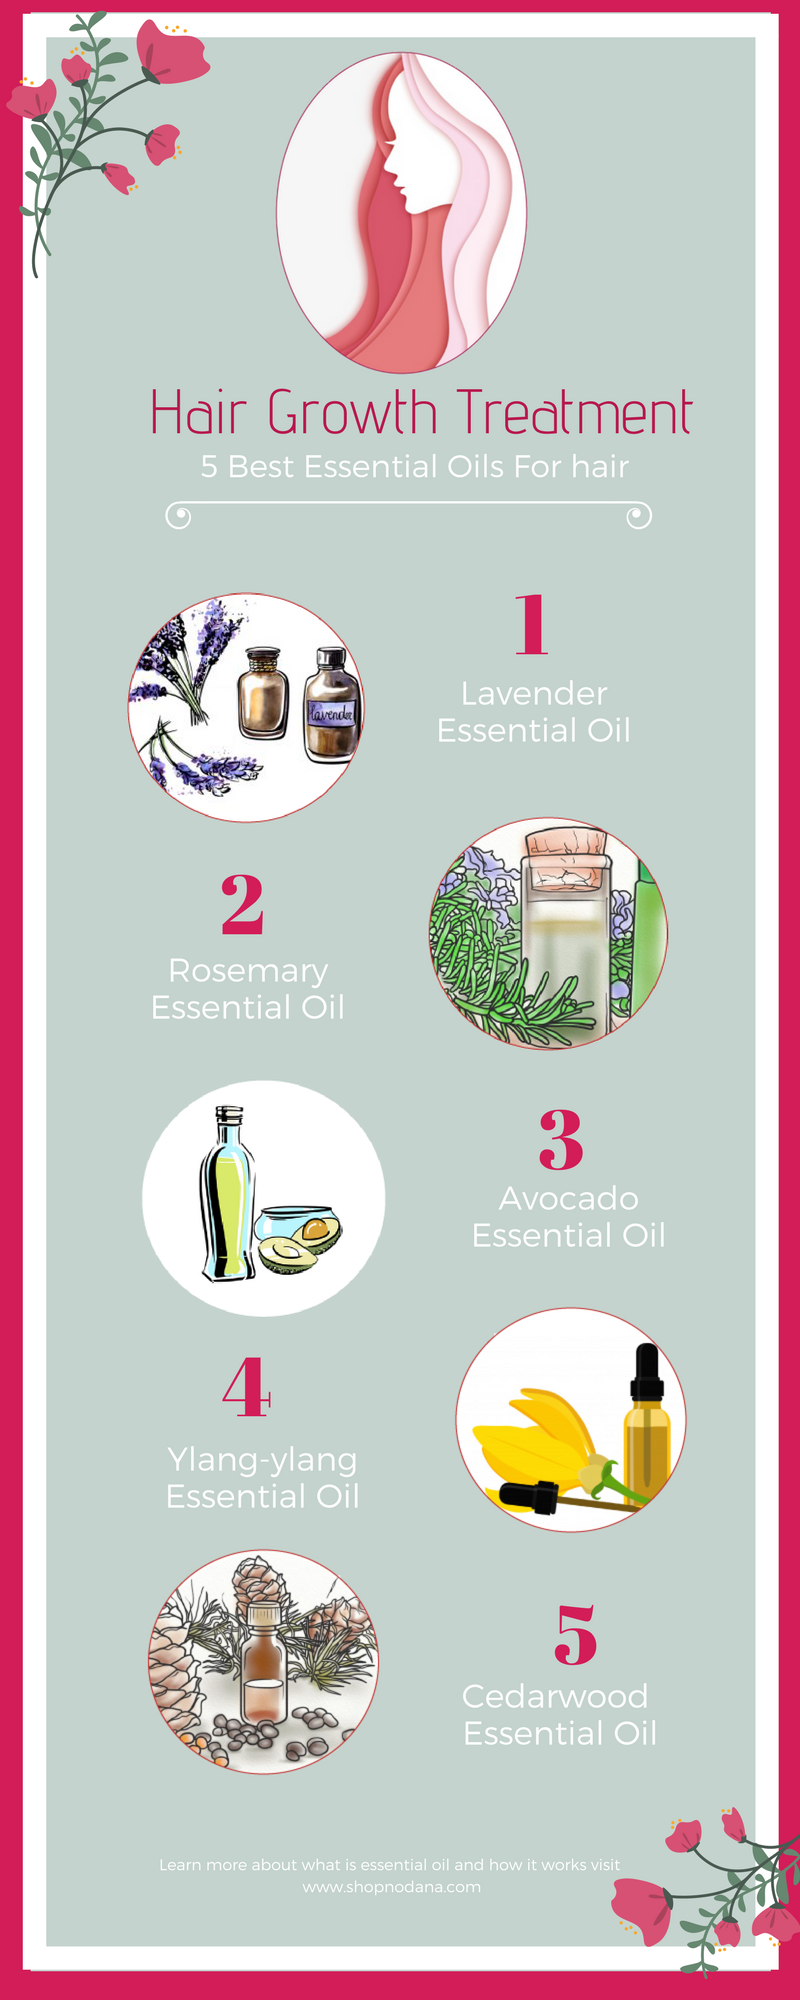 5 Best Essential Hair Oils For Hair Growth Treatment Shopno Dana